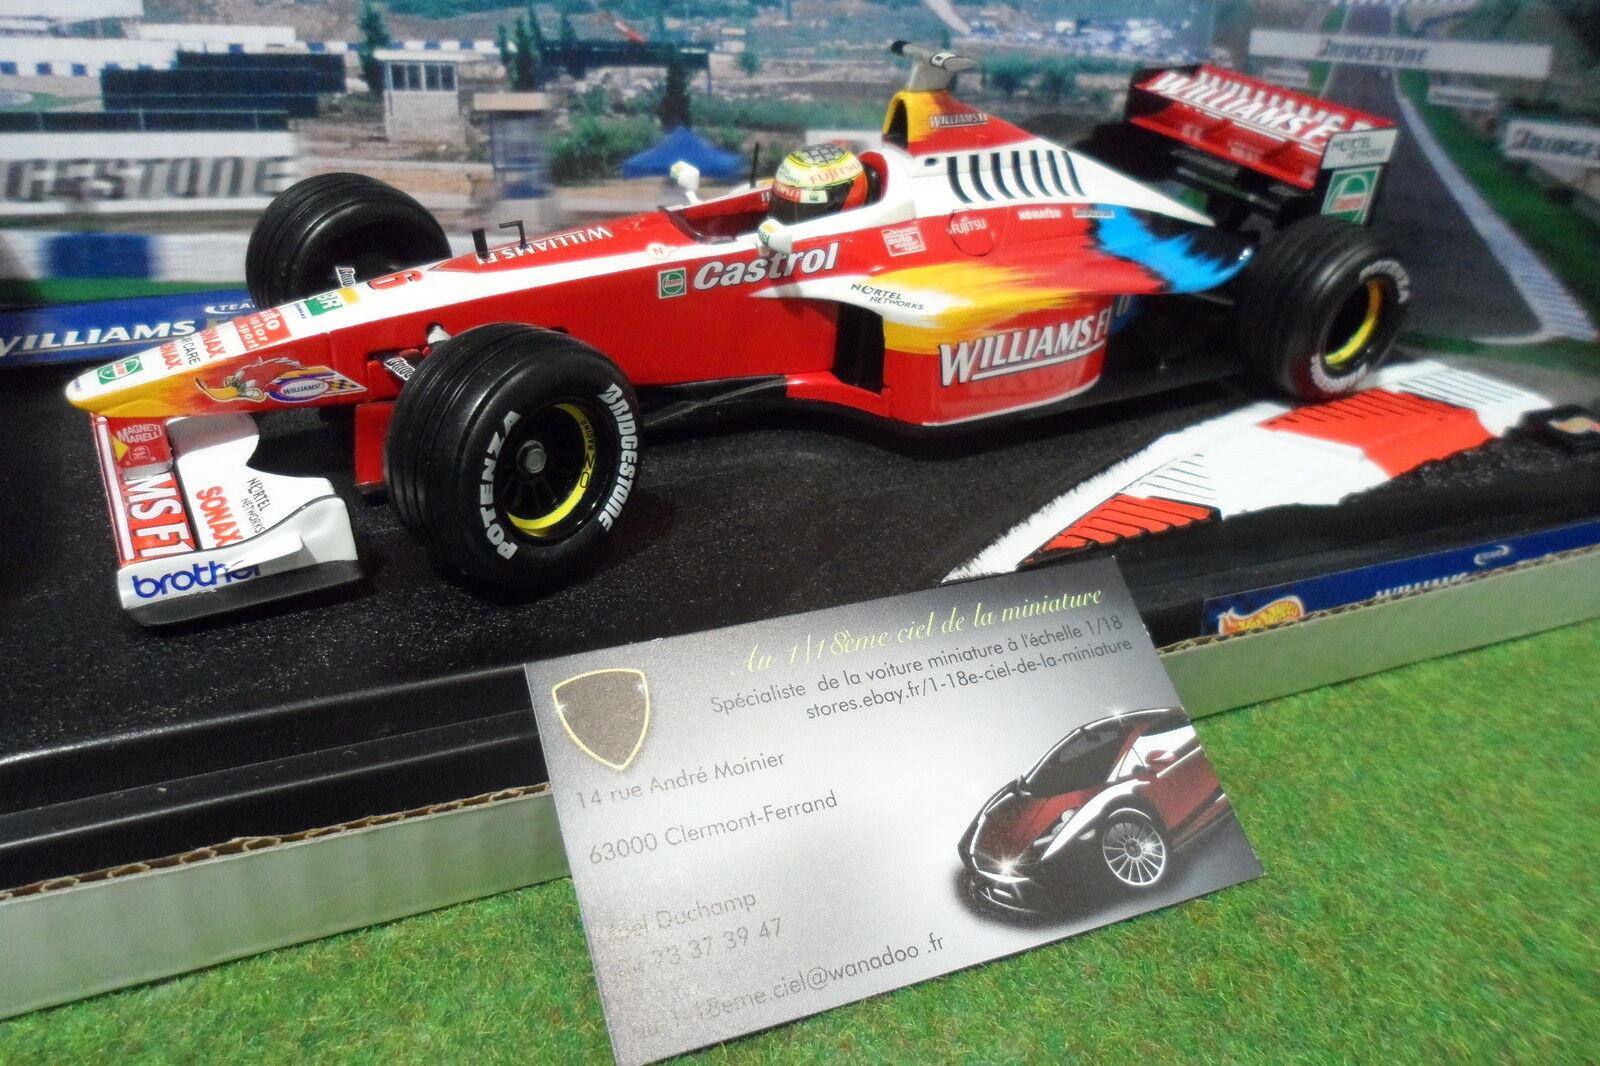 benvenuto a comprare F1 WILLIAMS FW21 SCHUMACHER    6 au 1 18 caliente ruedaS 24622 formule 1 miniature  sconto